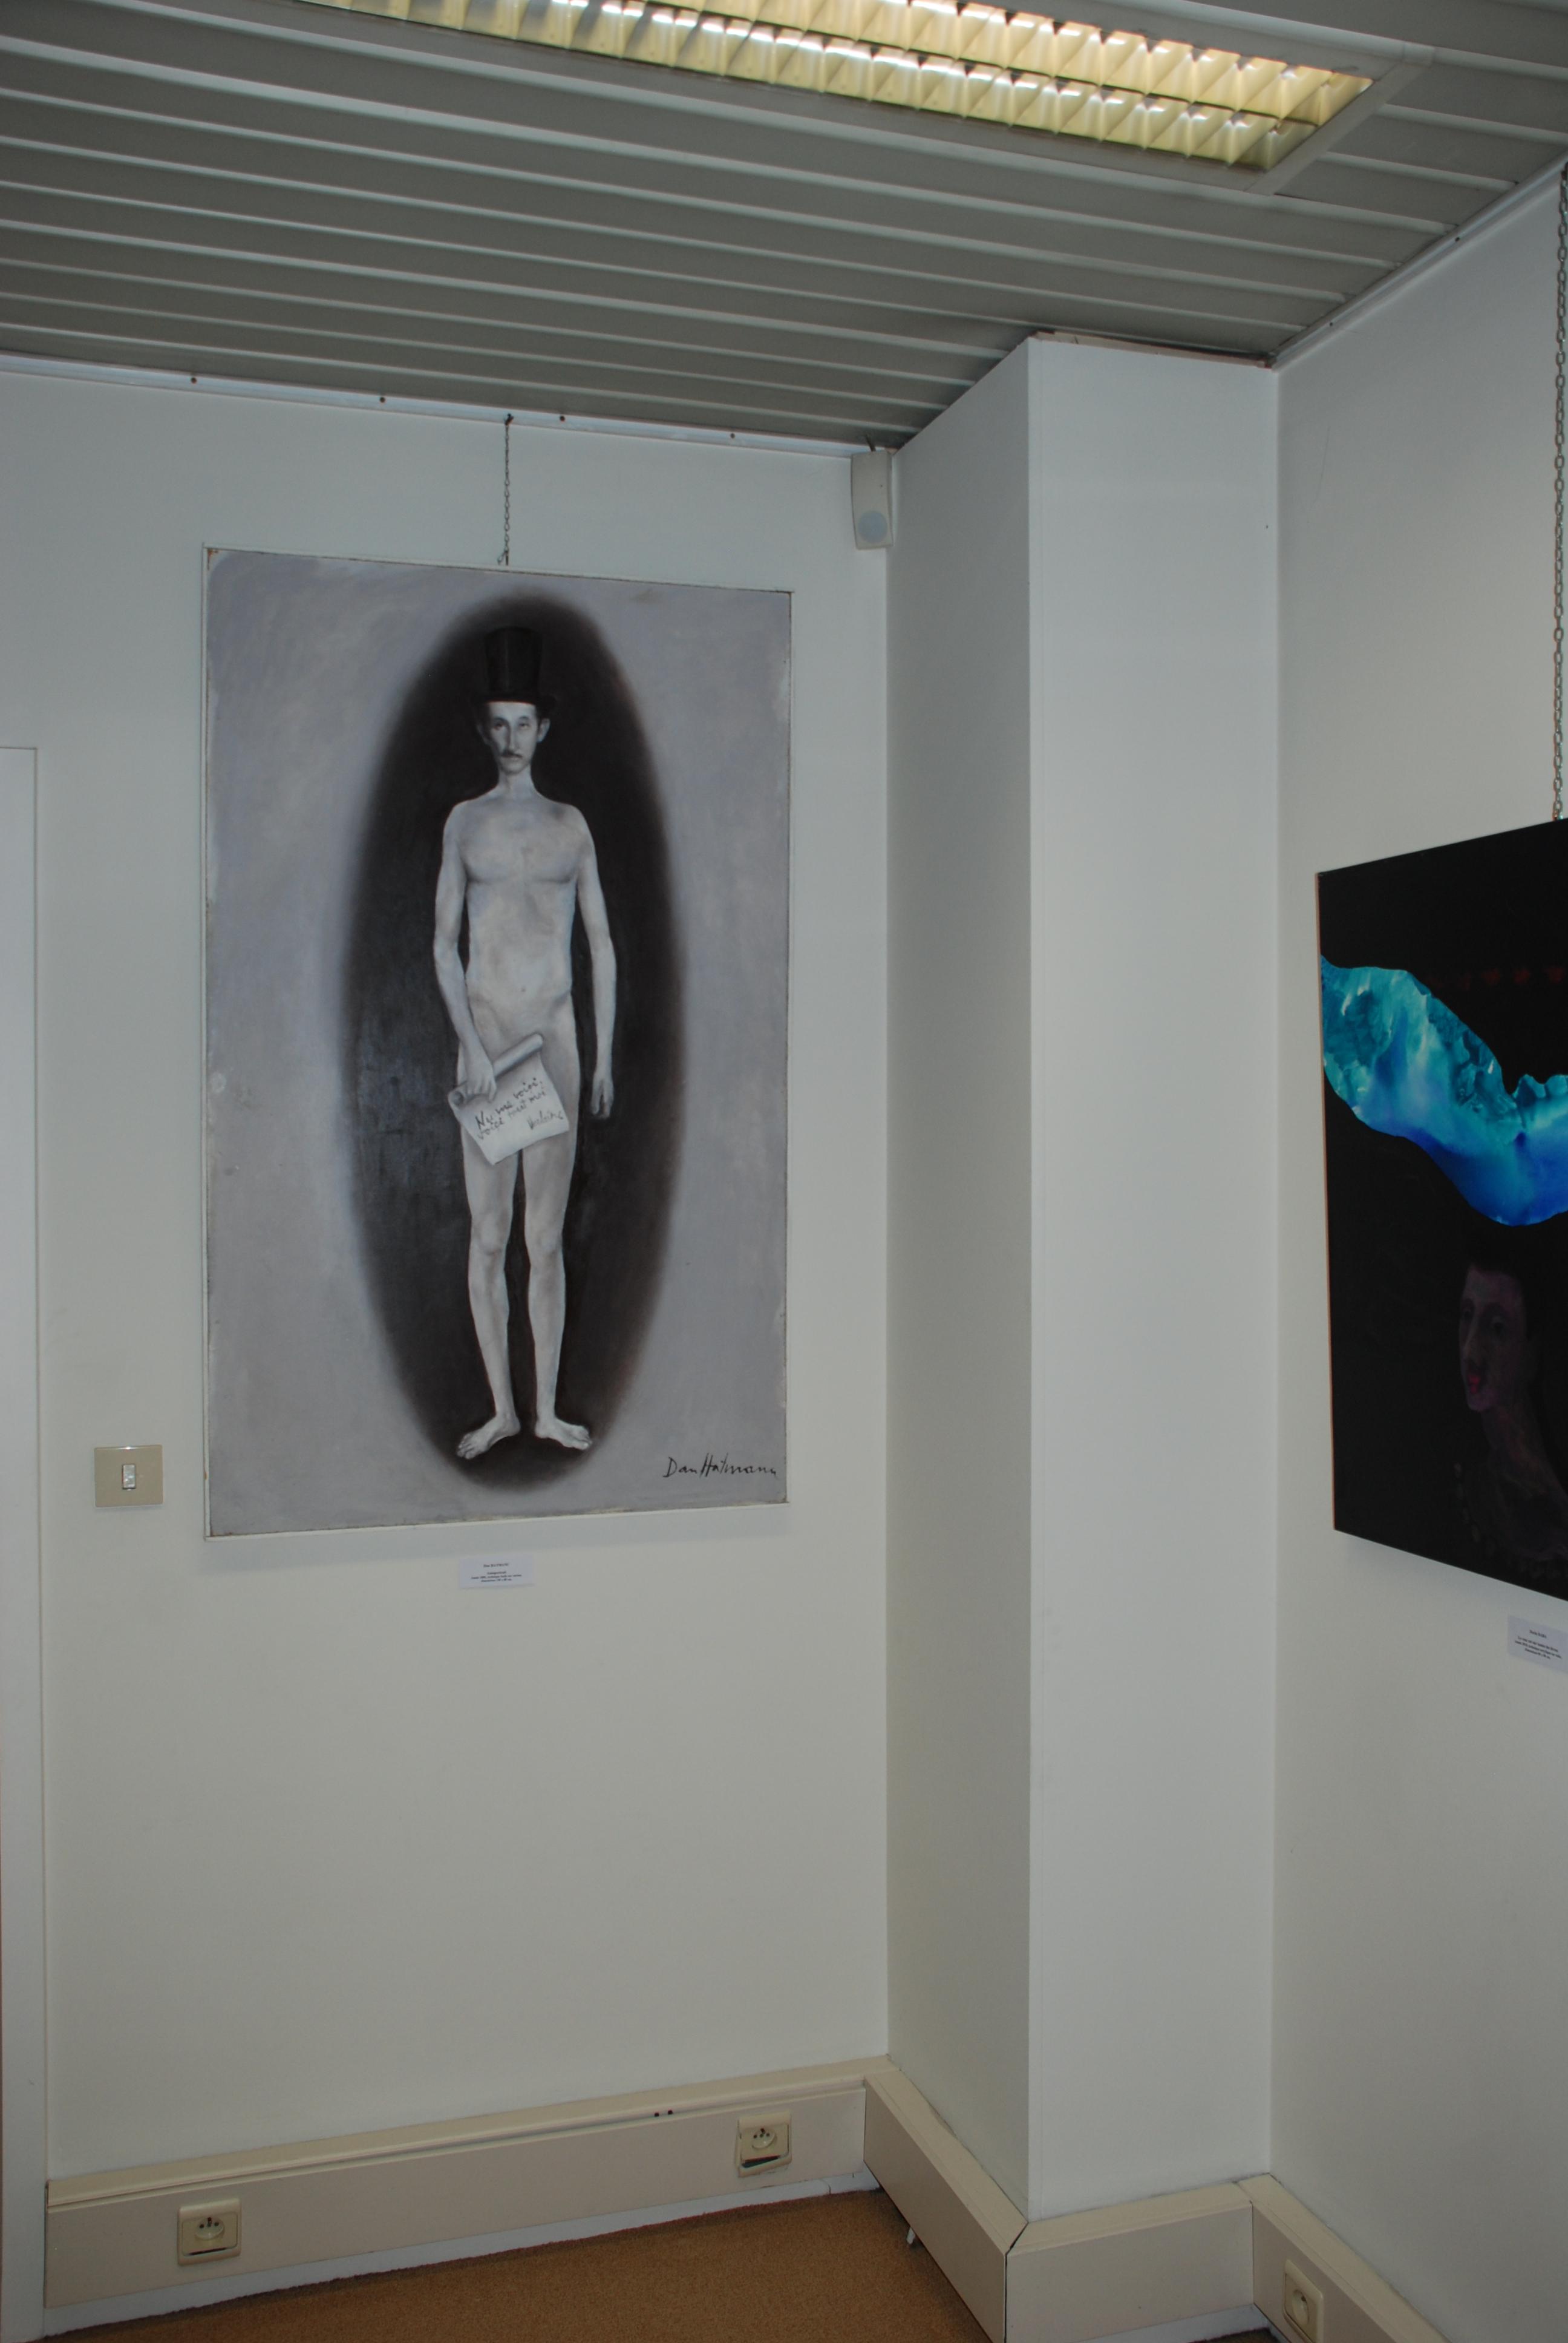 DSC_2377 - 10 mars 2014 - Expo Soleil de l'Est Francophonie Bruxelles - Oeuvres de Dan Hatmanu et de Dorin Baba